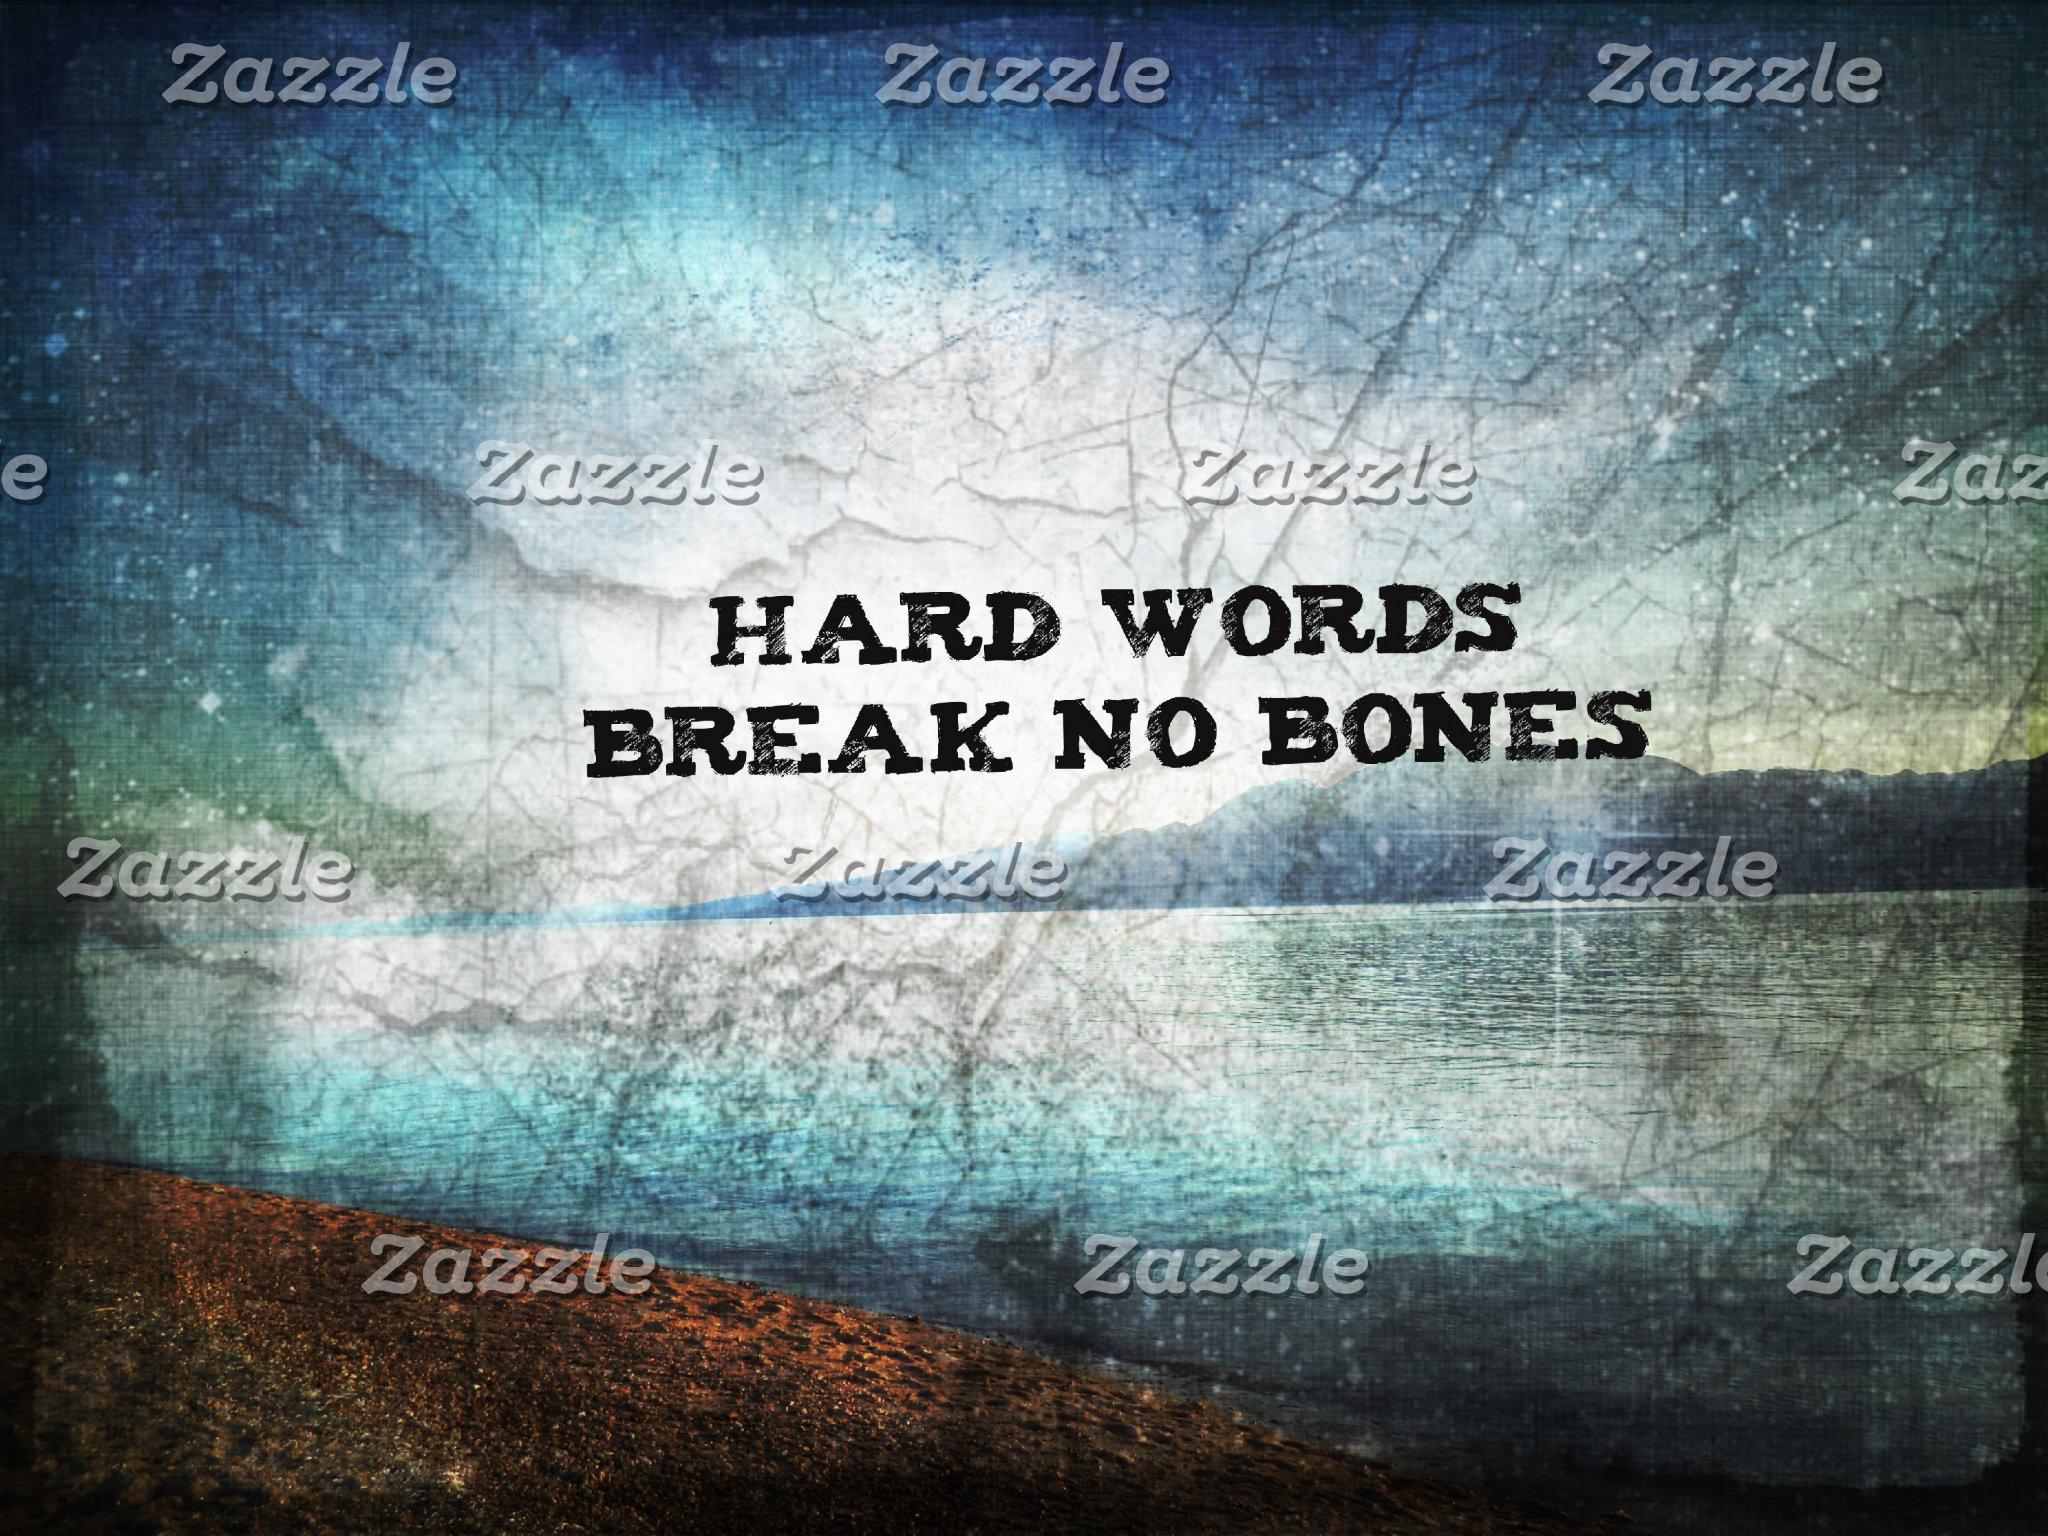 Hard words break no bones